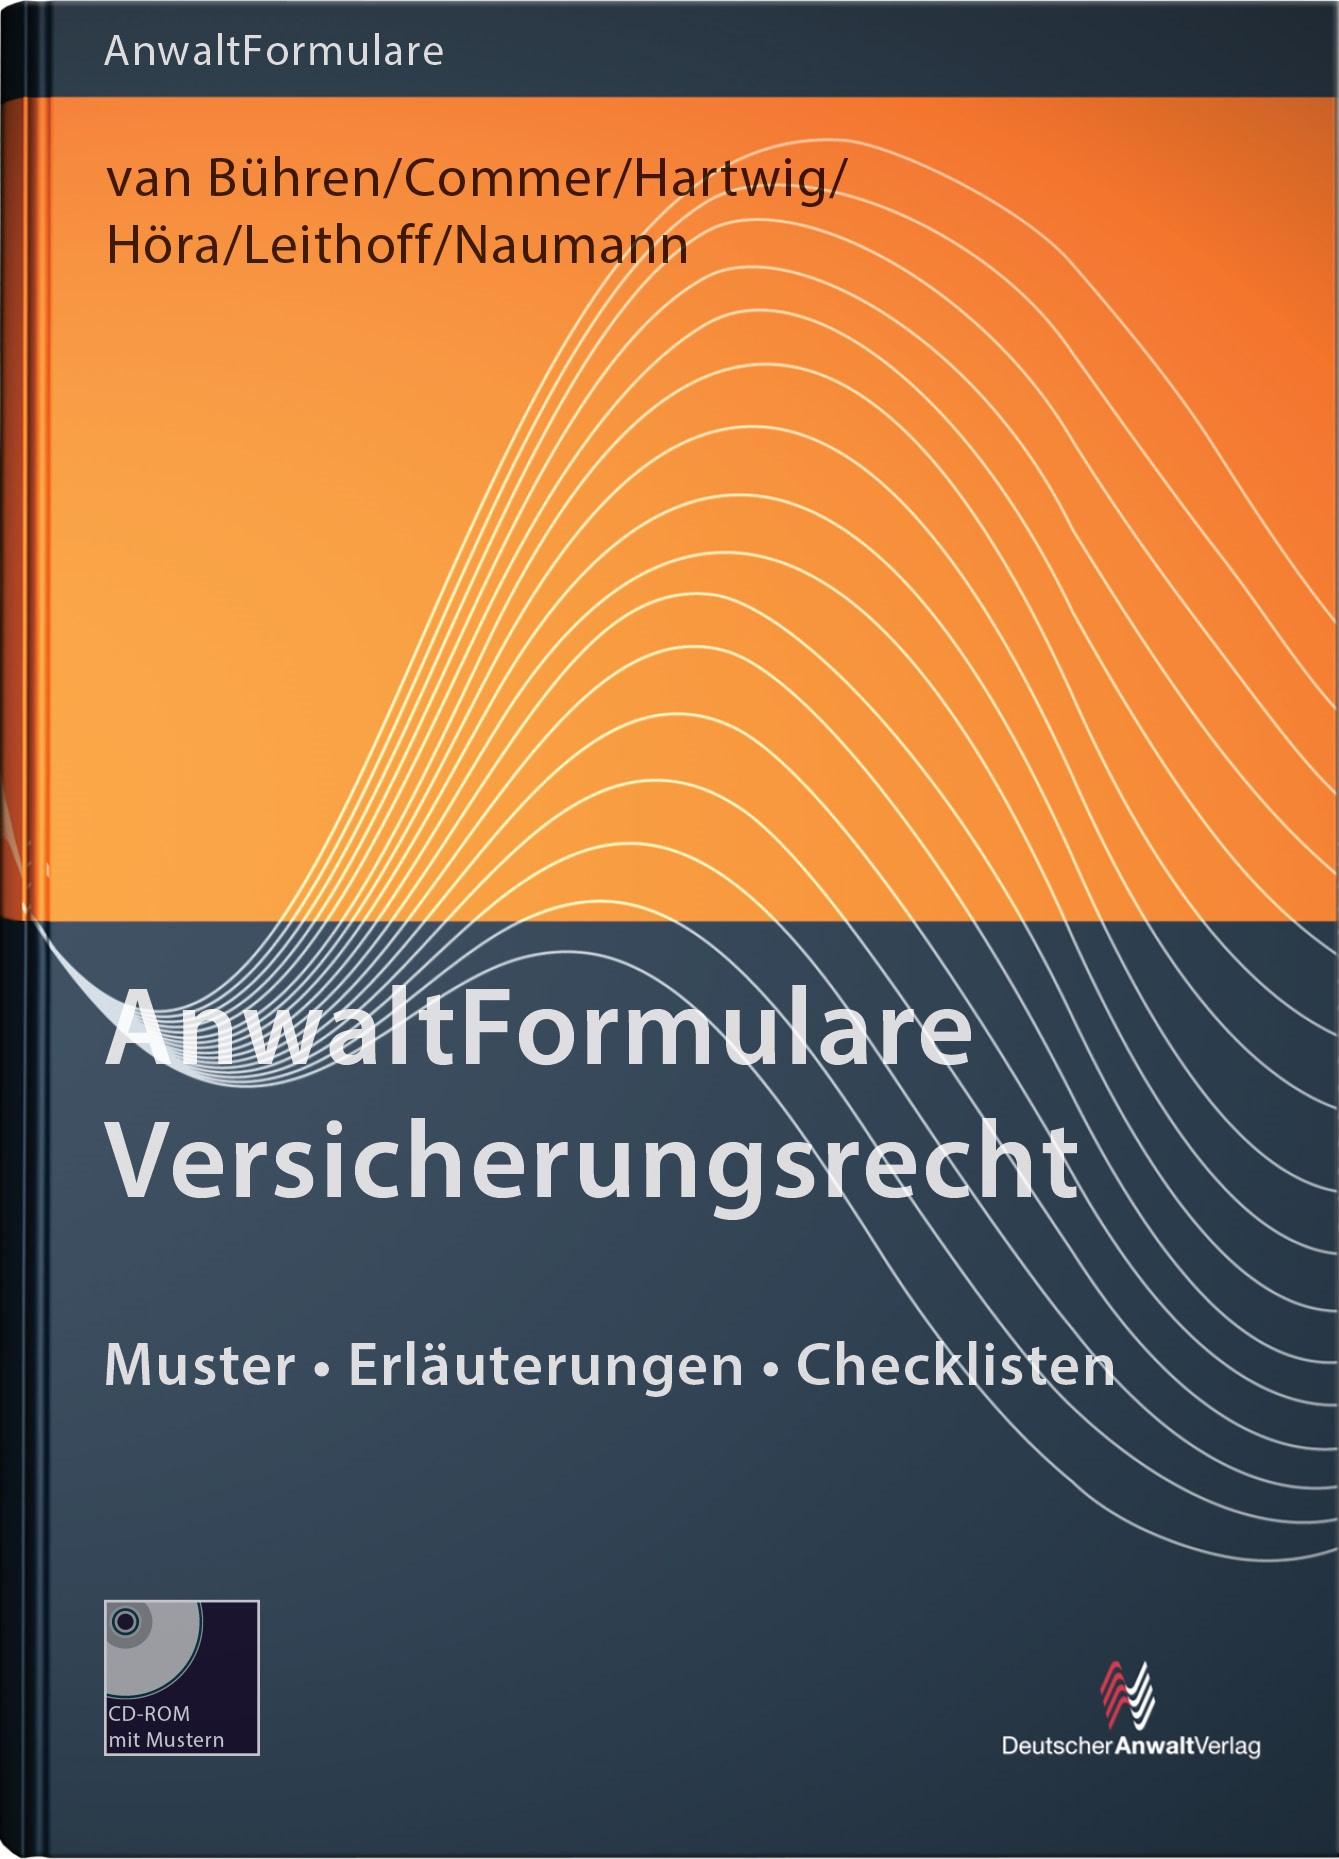 AnwaltFormulare Versicherungsrecht | van Bühren / Commer / Hartwig / Höra / Leithoff / Naumann, 2015 | Buch (Cover)